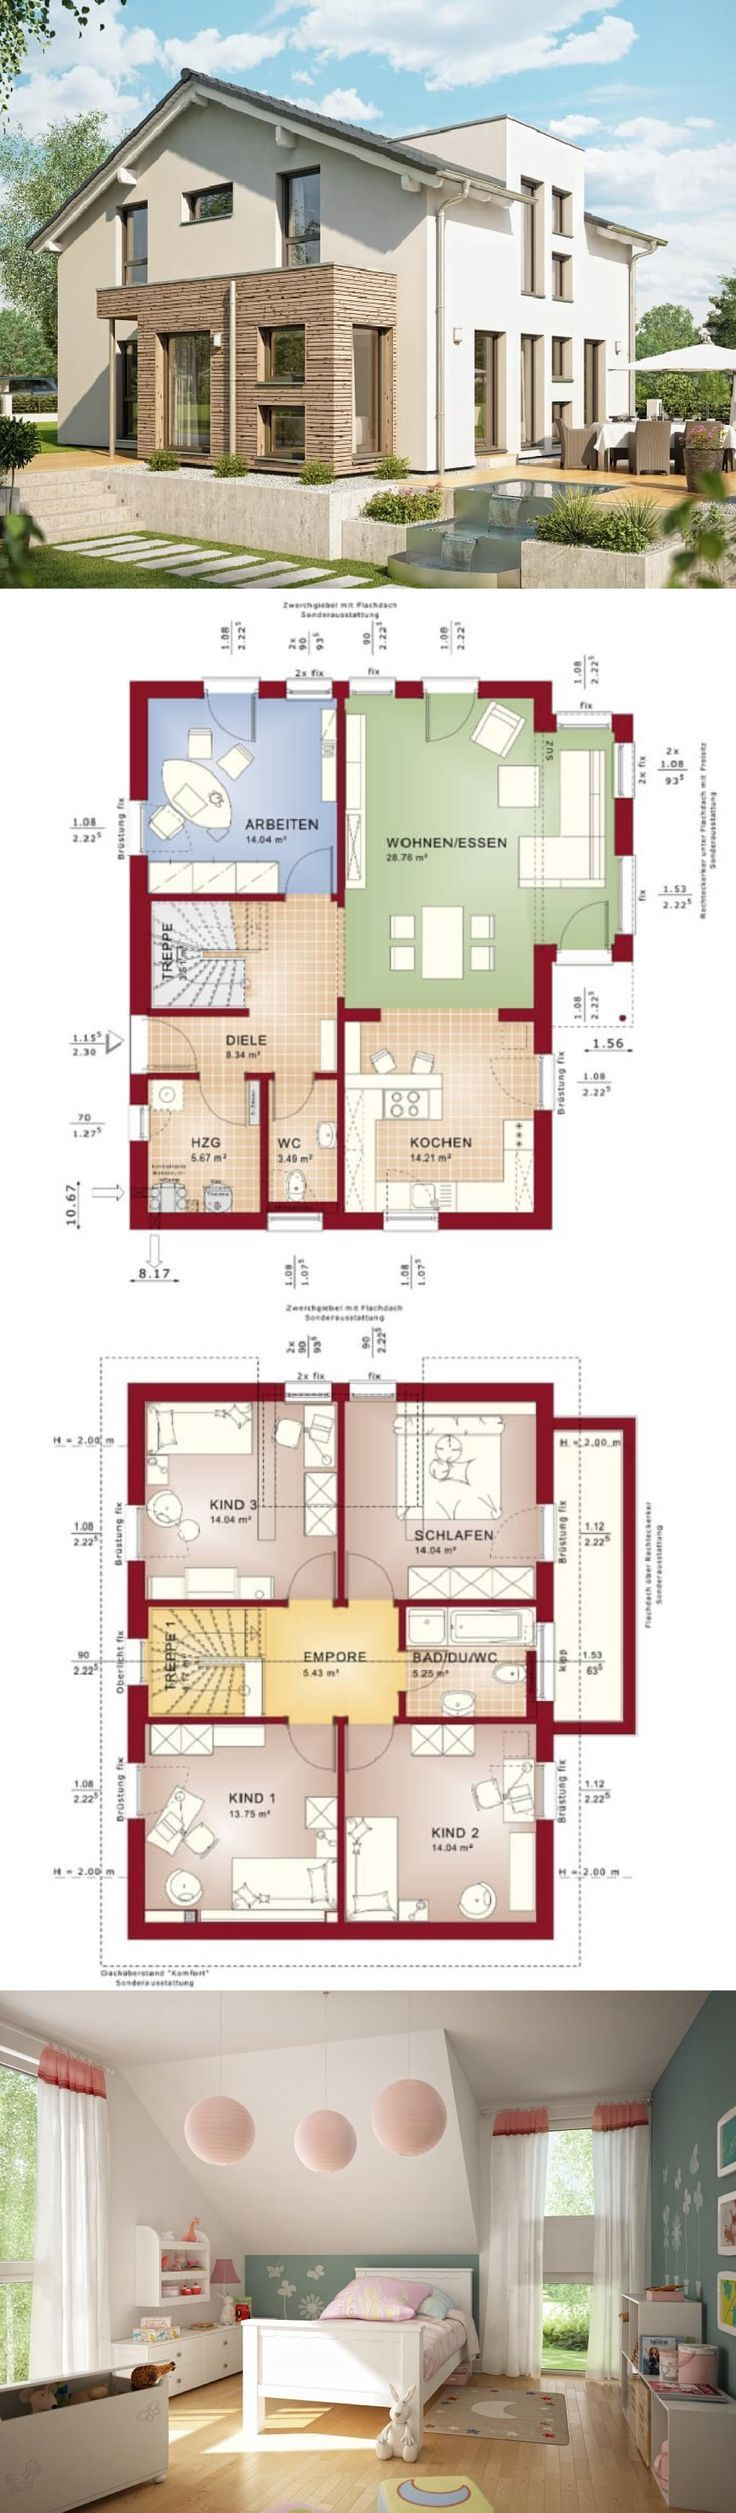 Einfamilienhaus Neubau Architektur modern mit Satt…